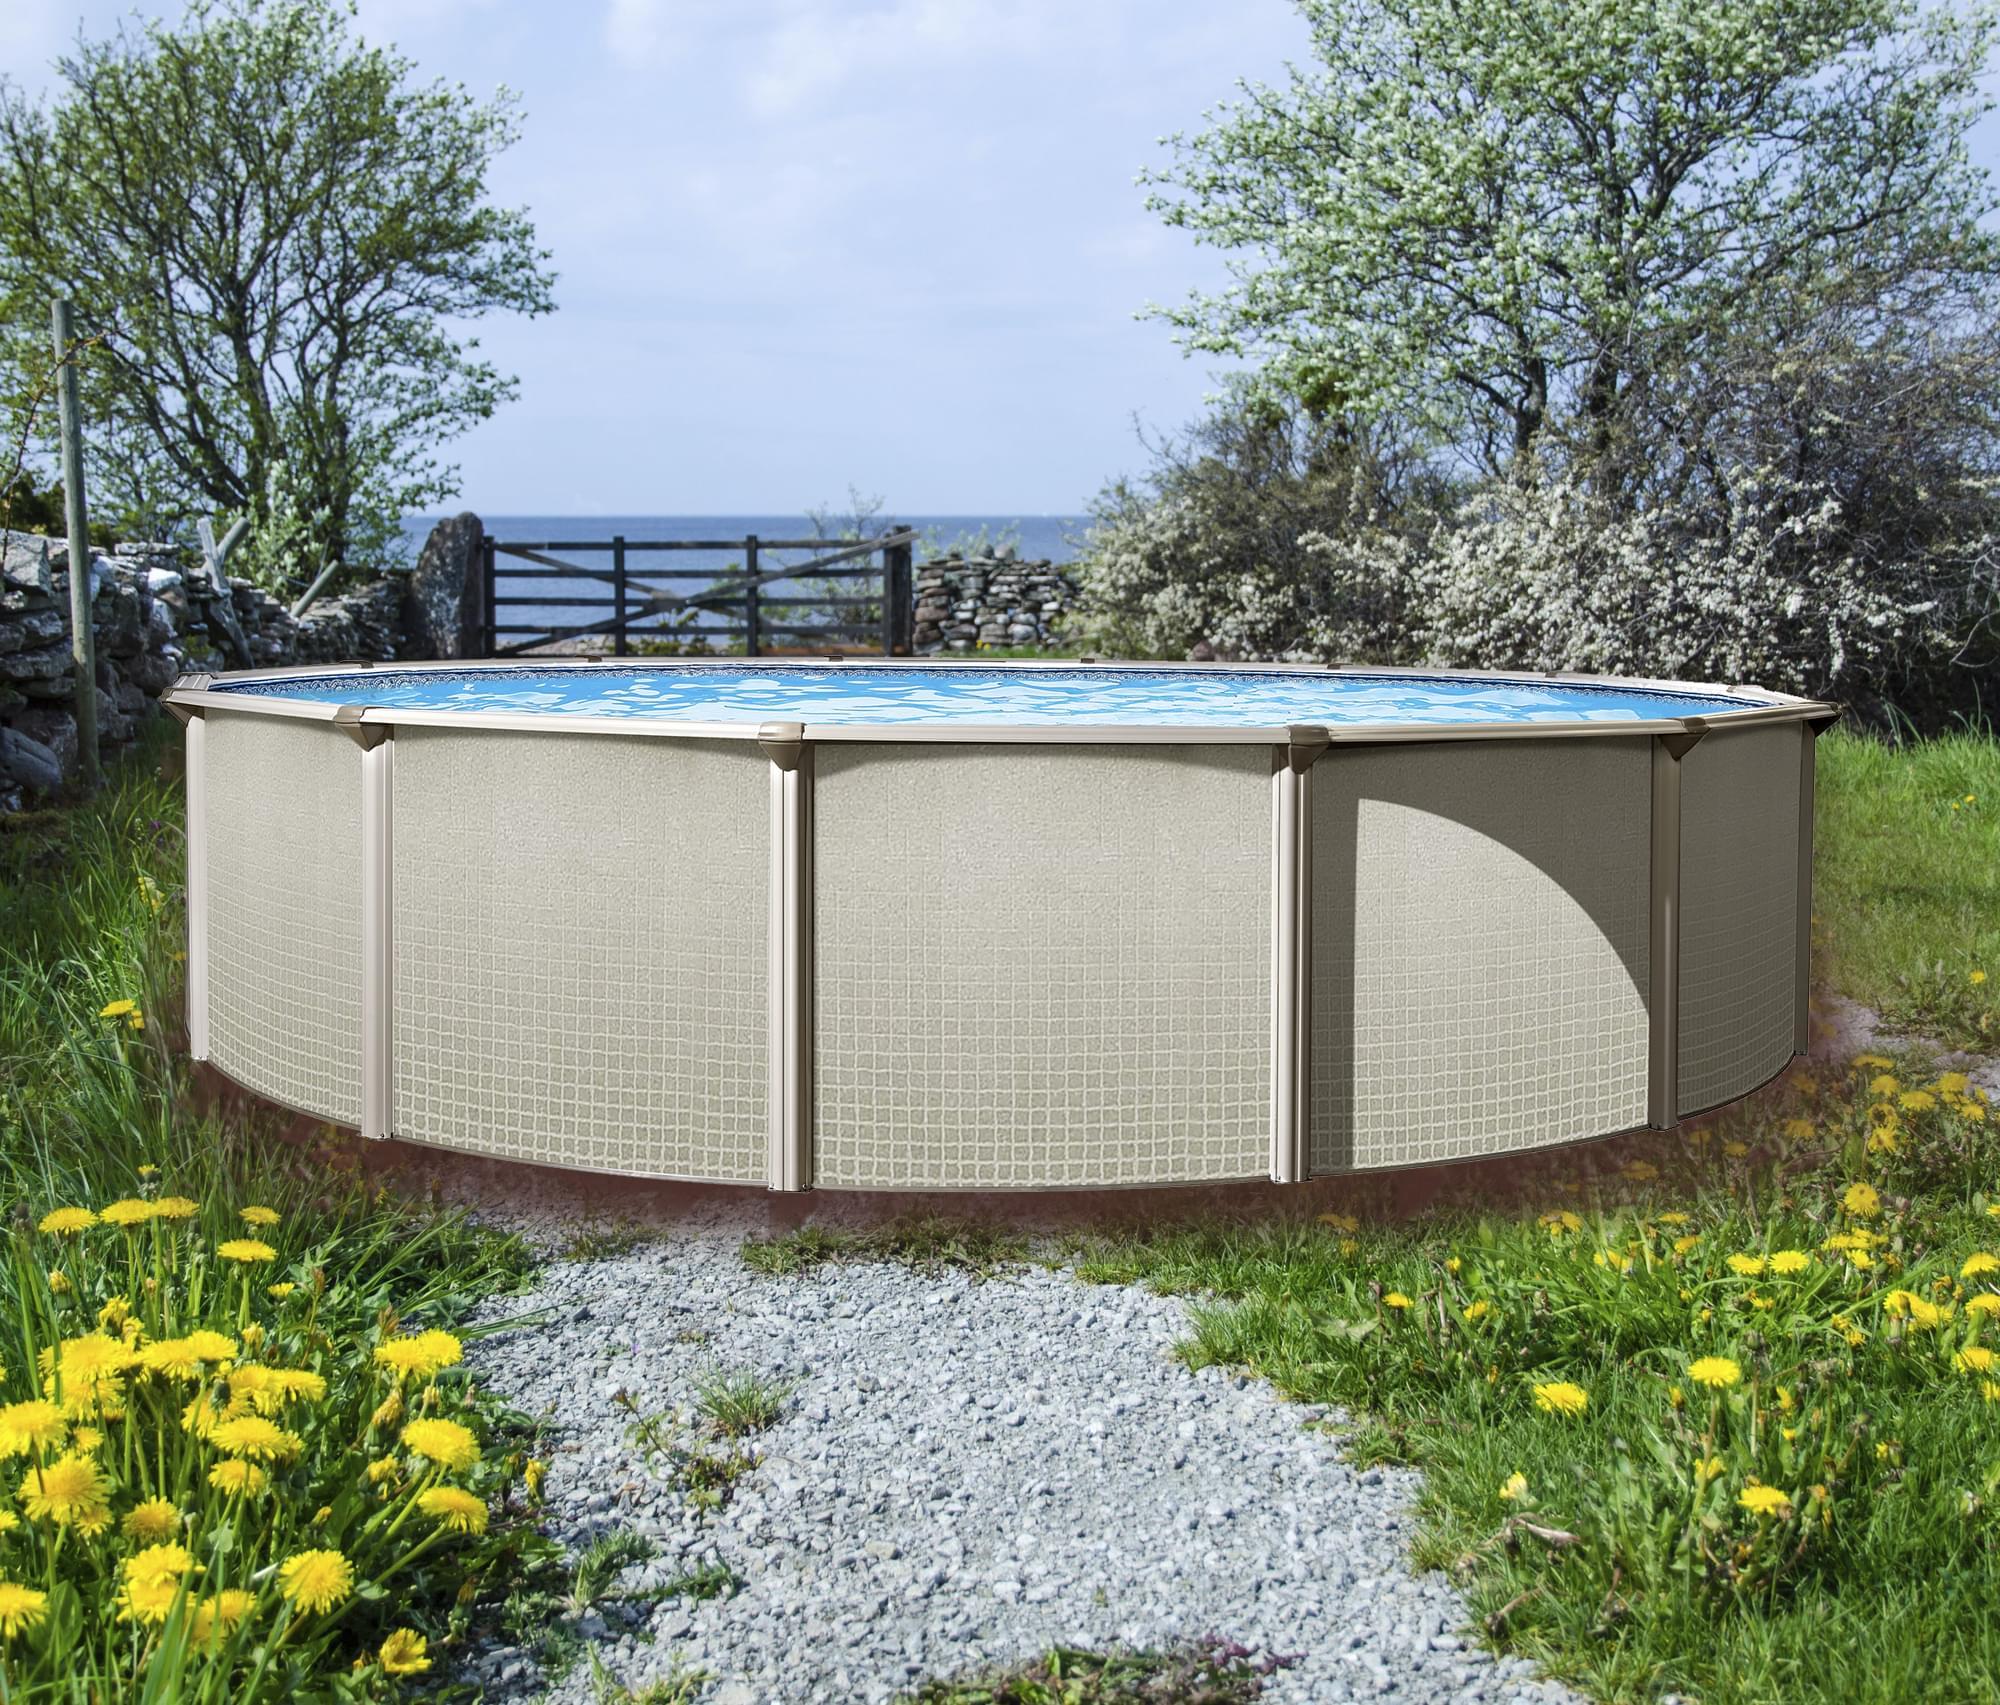 Evolution 18 pied ronde piscine hors magasin de piscine for Chauffe eau solaire pour piscine hors terre